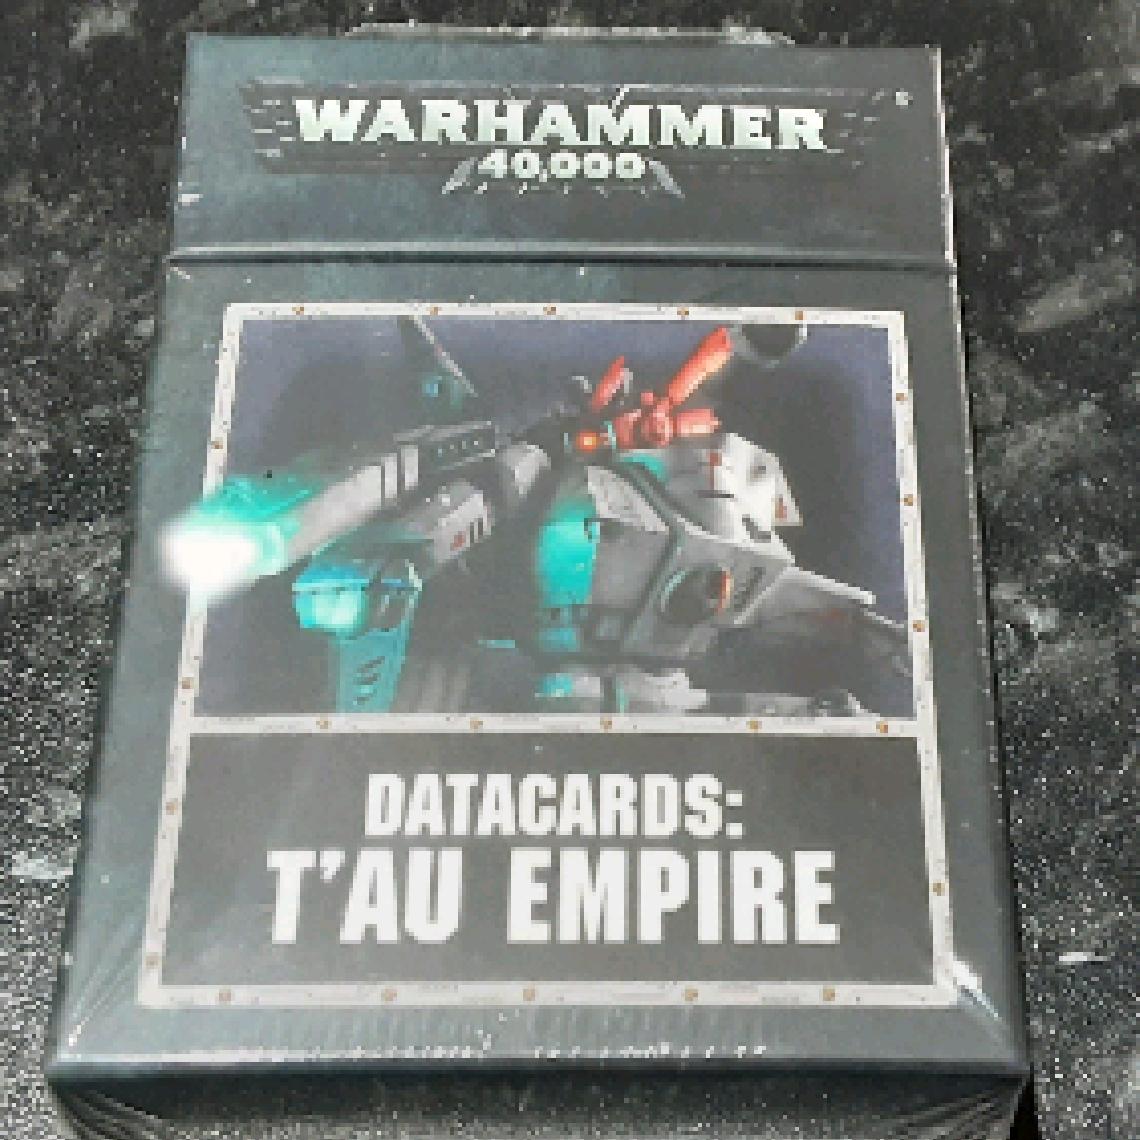 Datacards: Tau Empire